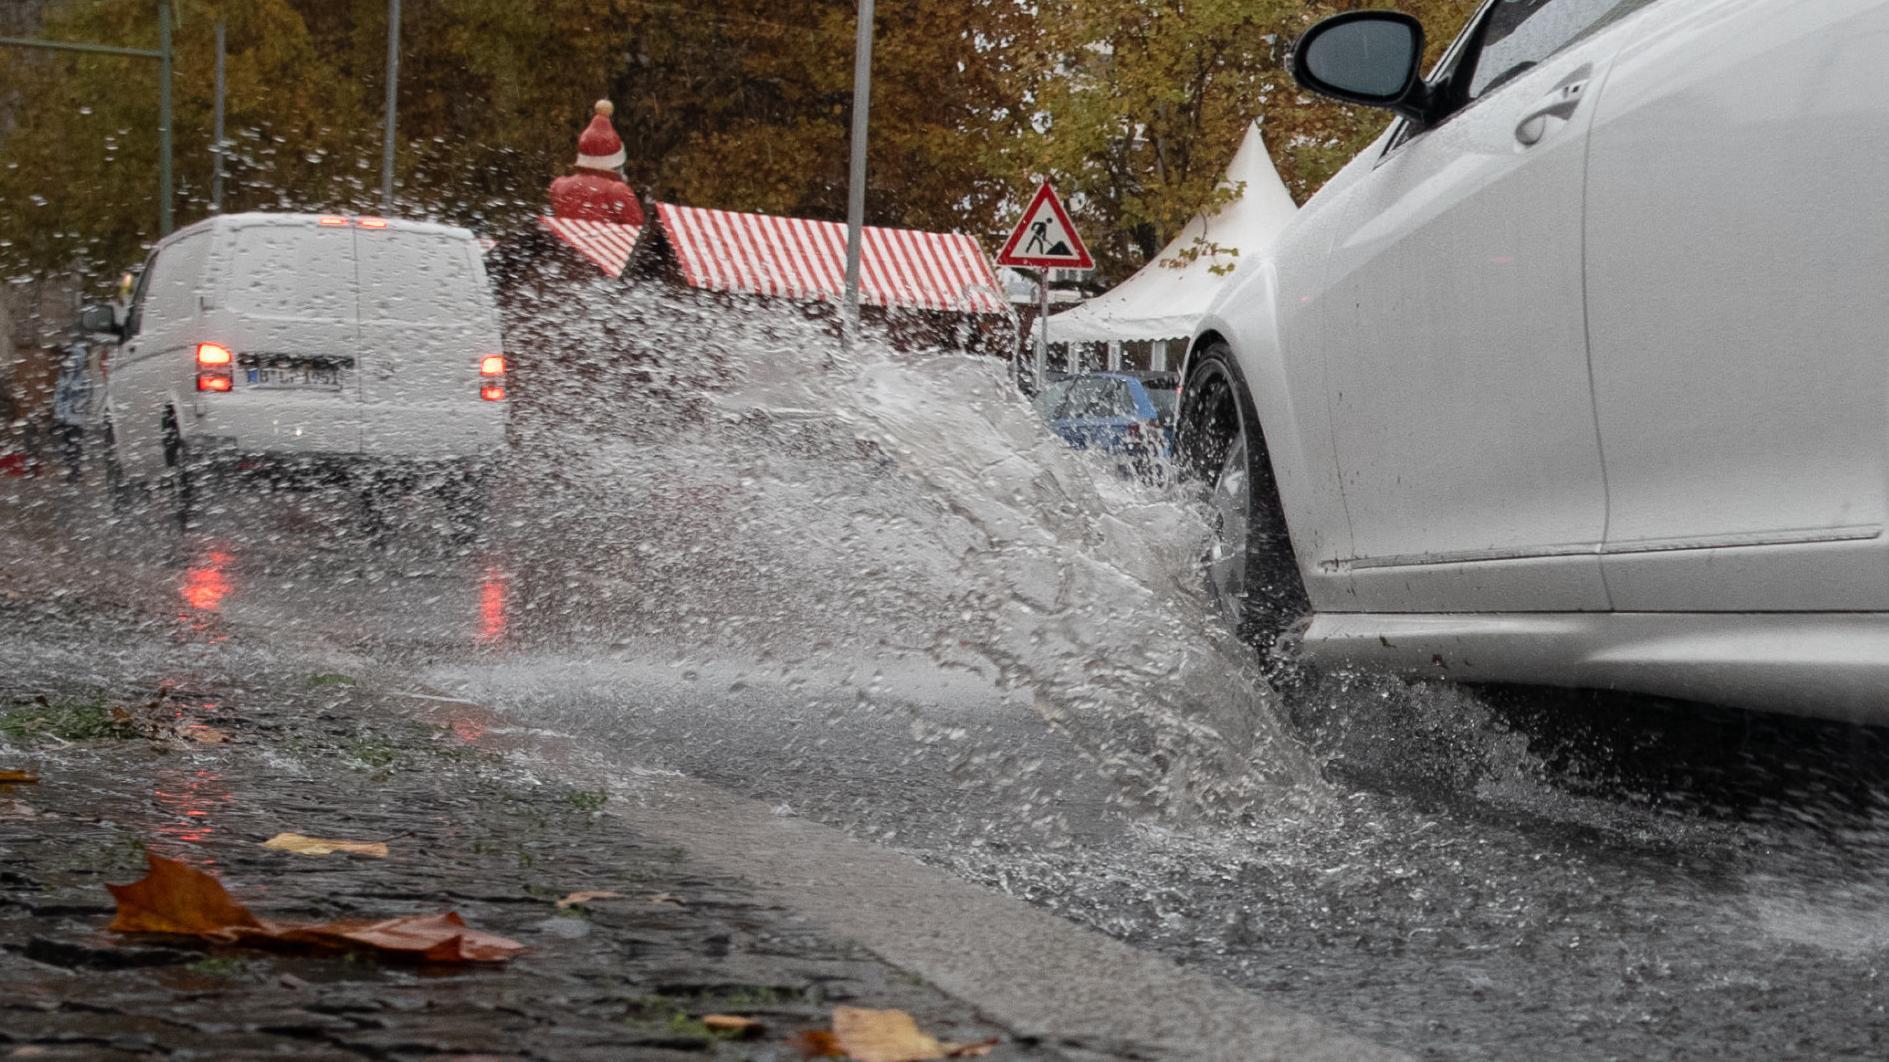 Ein Auto fährt durch eine Regenpfütze, so dass das Wasser auf den Bordstein spritzt